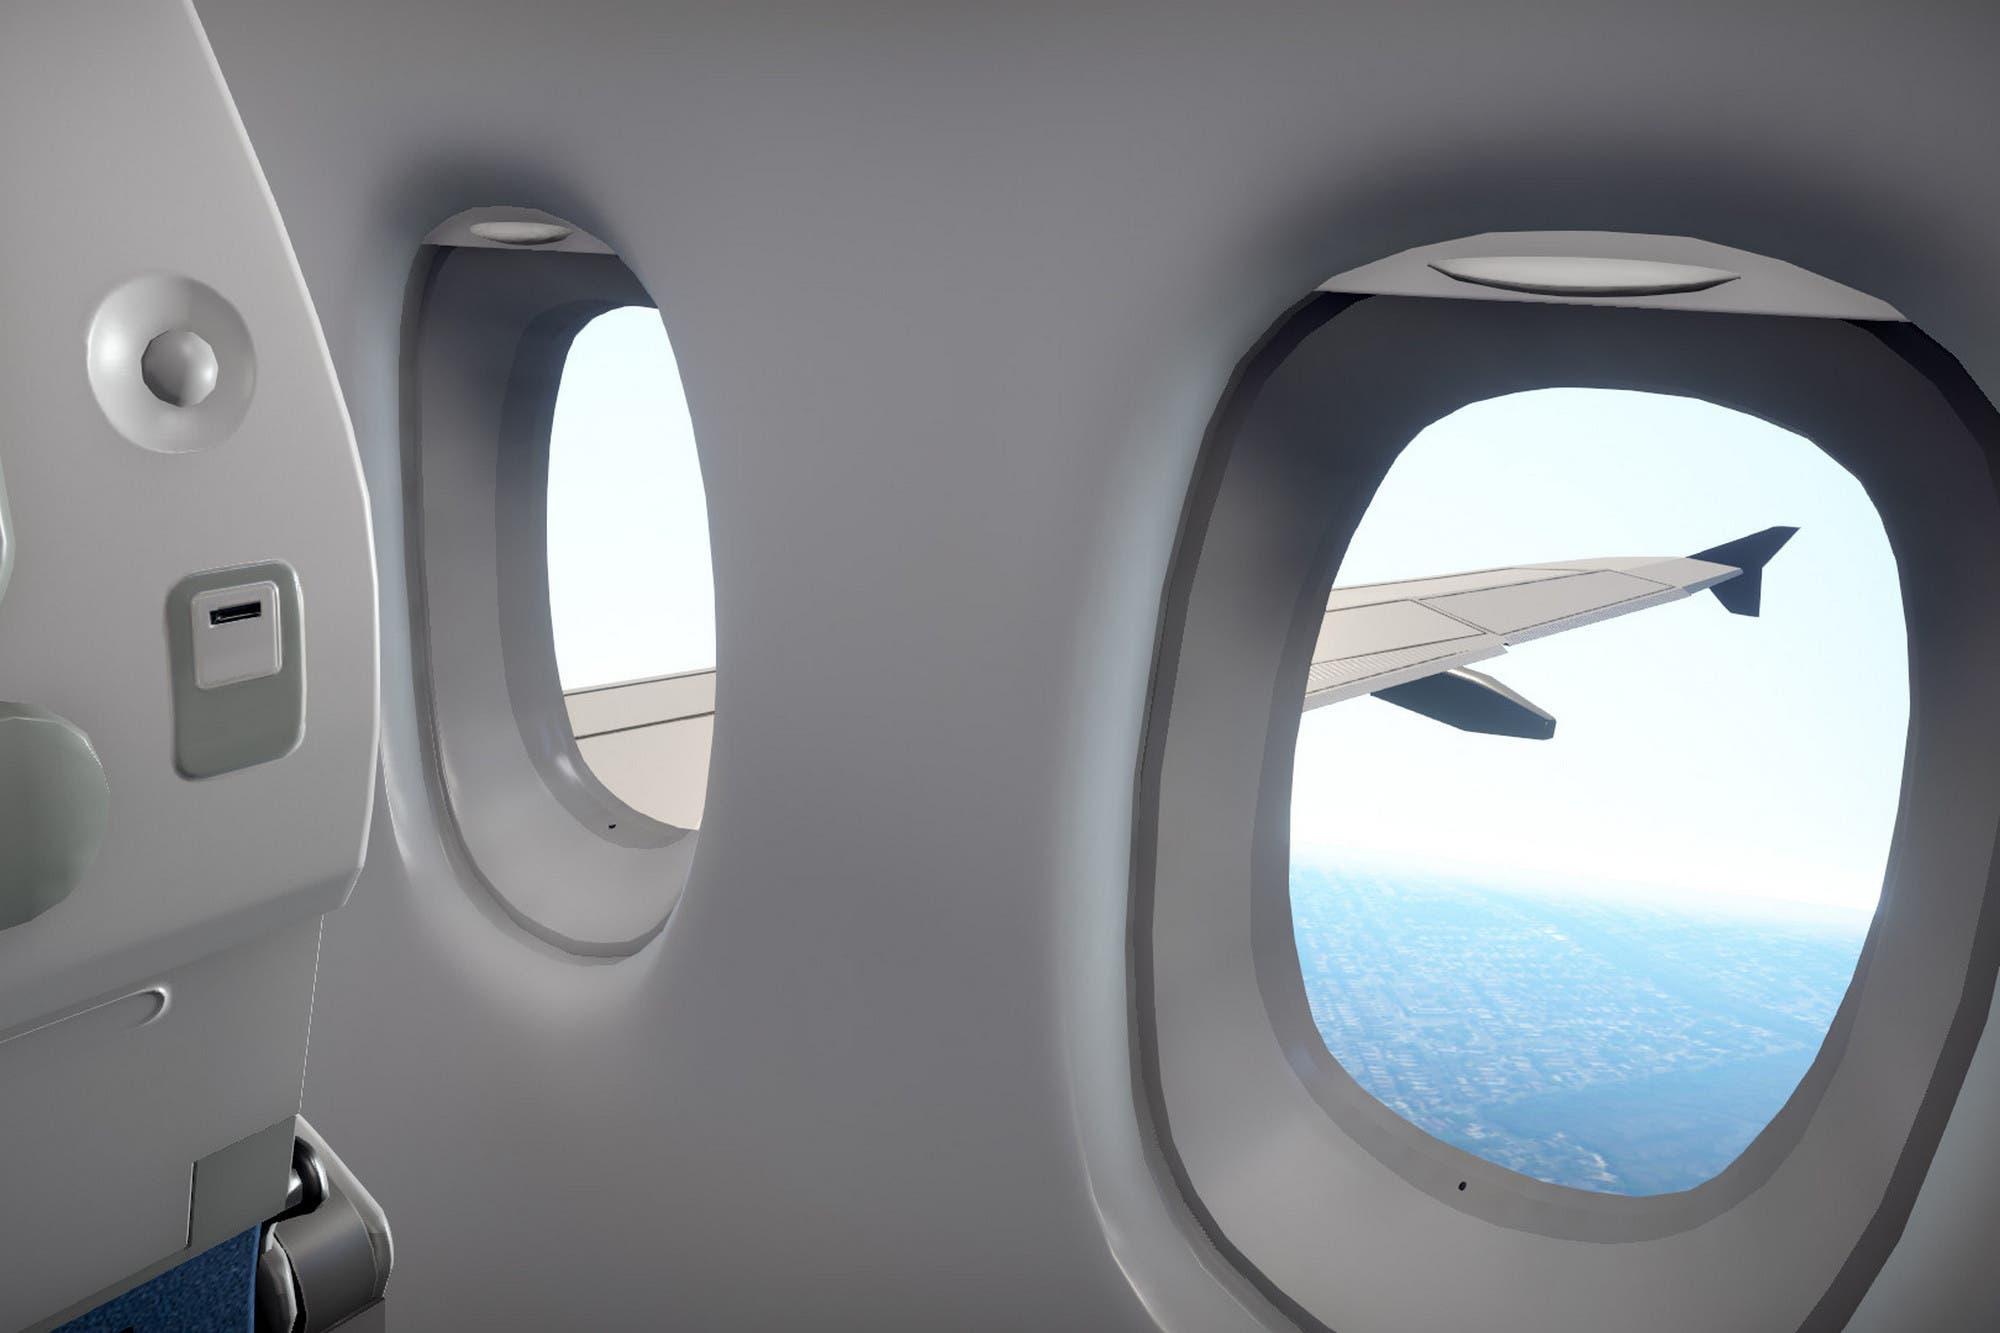 Modo avión: crean un simulador de pasajero de un vuelo en tiempo real